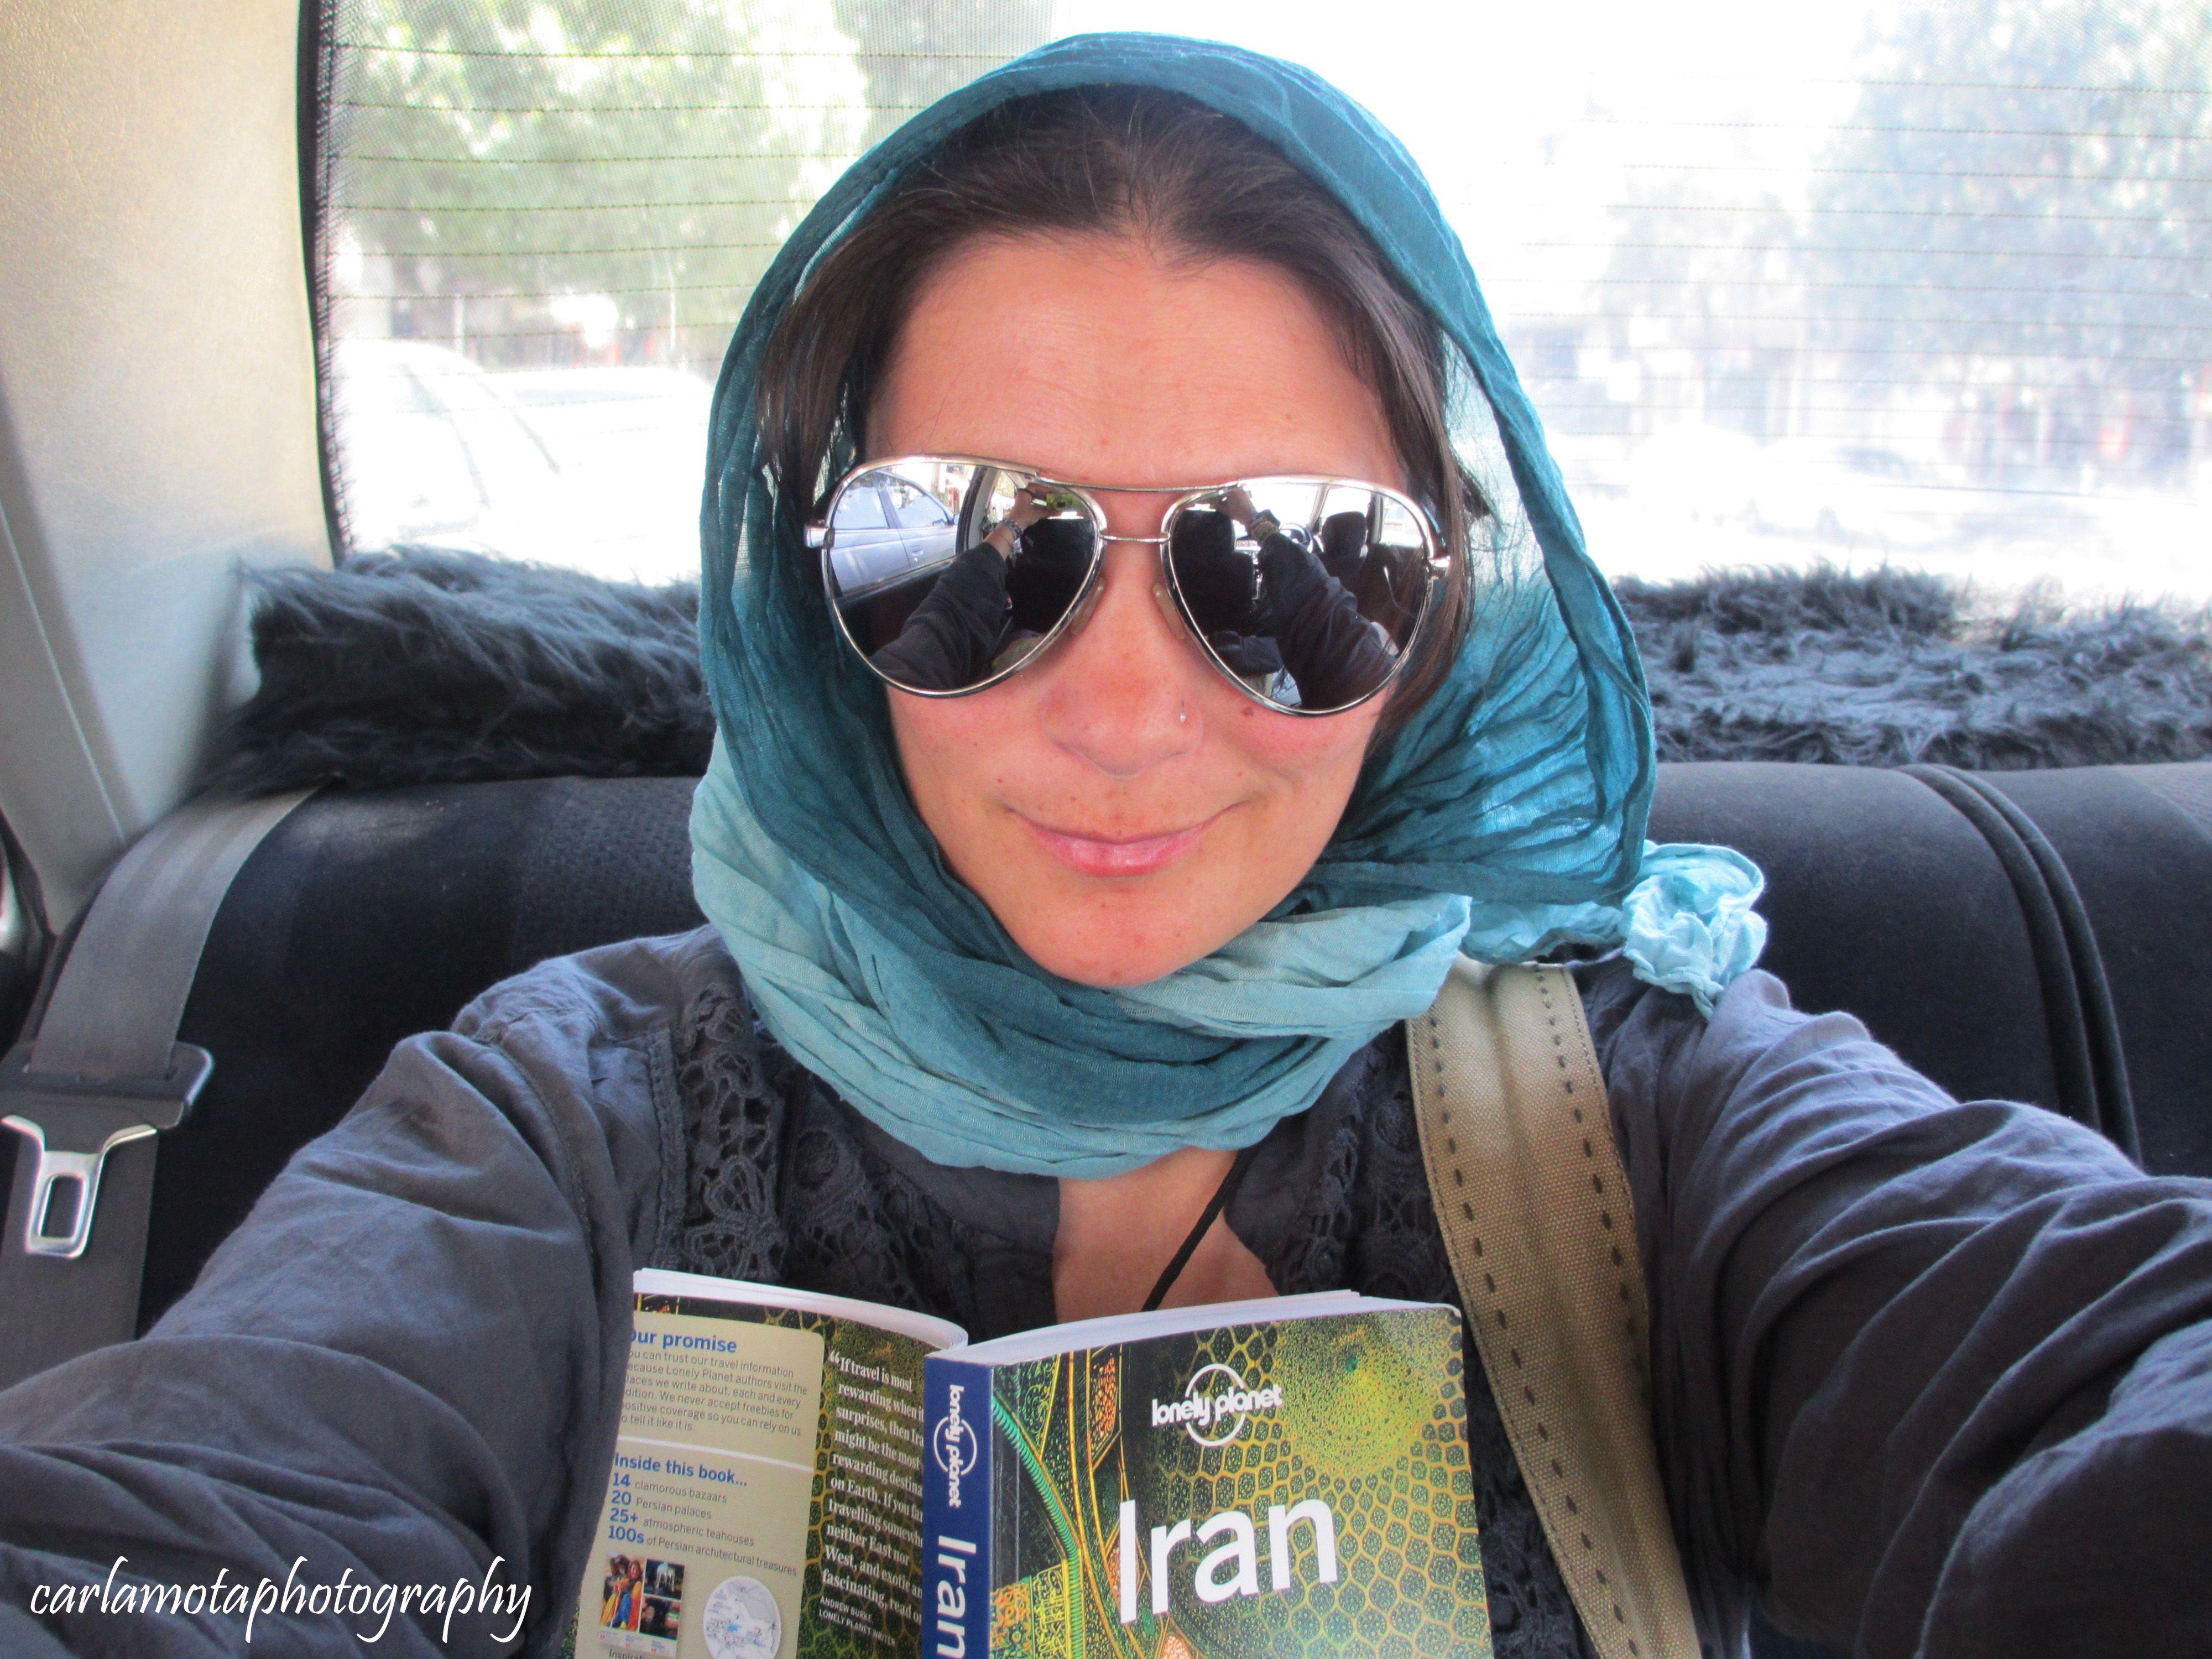 Depois de uma viagem memorável, no bom e no mau sentido, a bordo do Expresso Transasiático, eis que chegamos a Tabriz. Era meio-dia e já não havia tempo para visitar tudo o que queríamos. Descemos do comboio com um casal espanhol, uma rapariga belga e um rapaz iraniano de seu nome Hassan. Hassan era o …